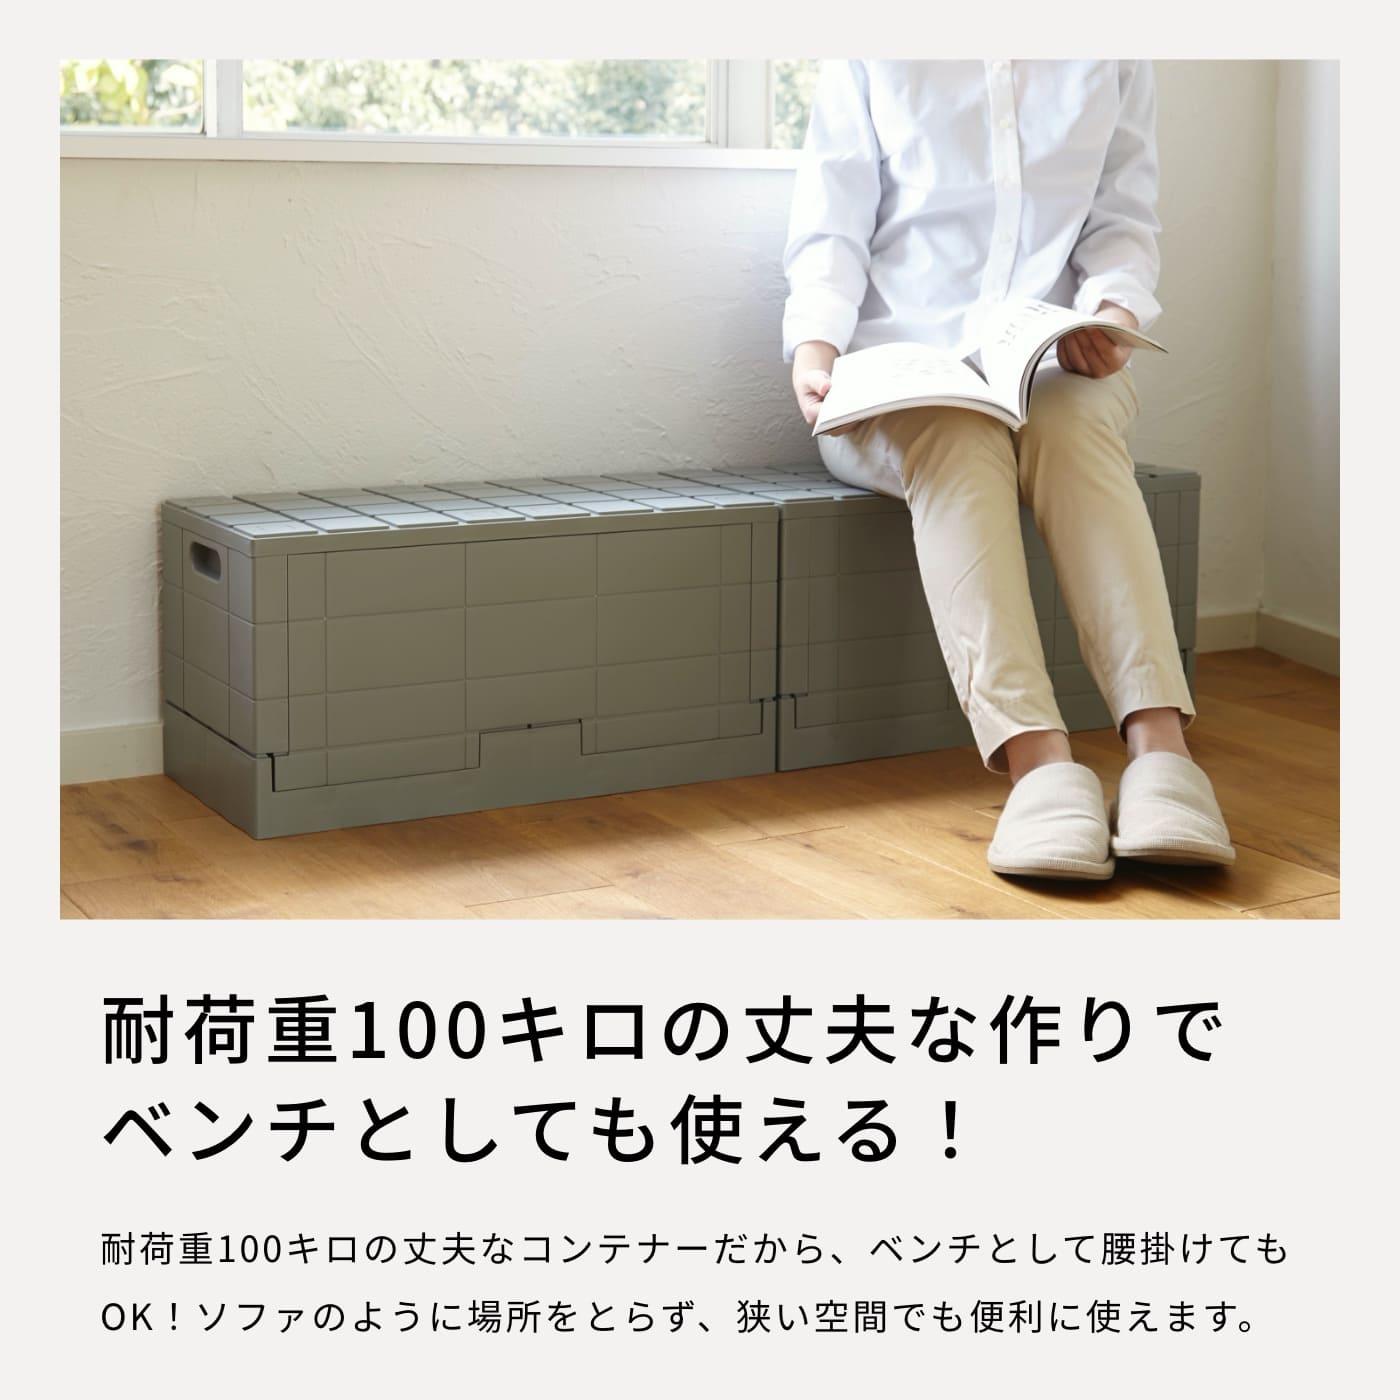 耐荷重100キロの丈夫な作りでベンチとしても使える!